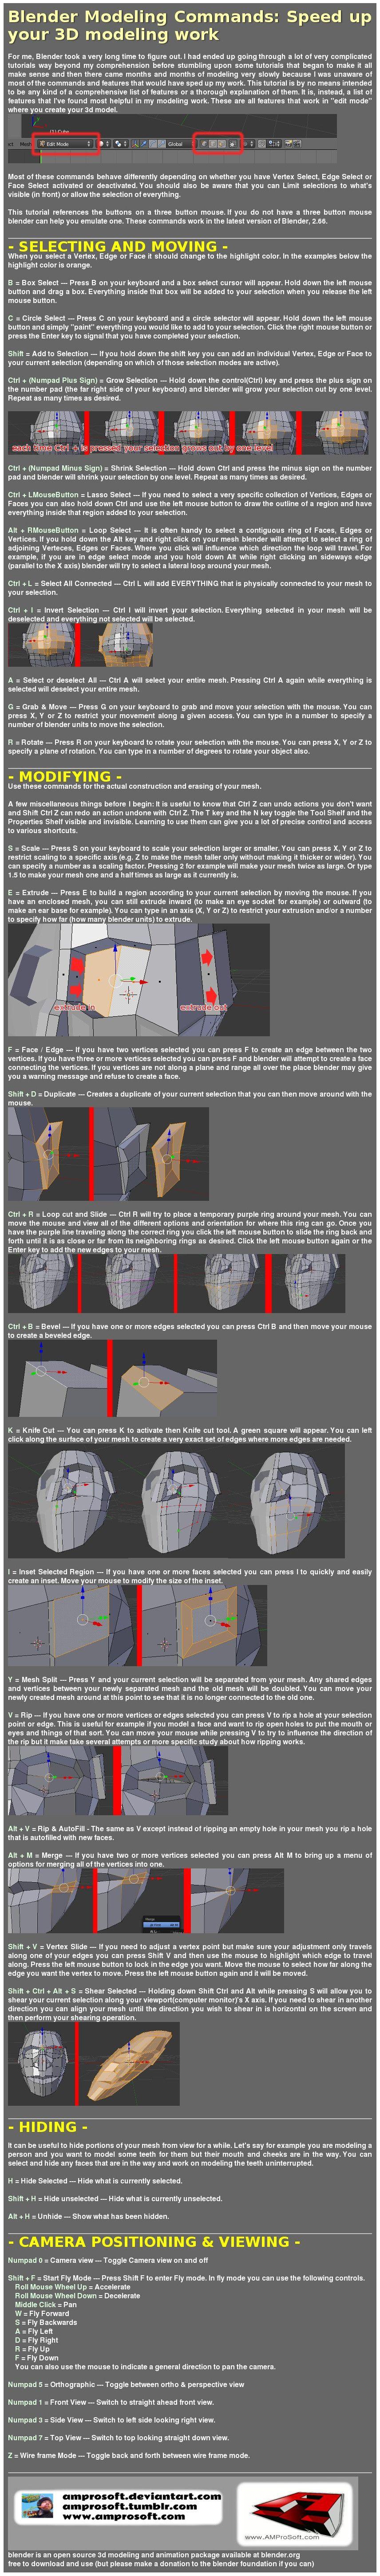 Blender Modeling Commands by AMProSoft.deviantart.com on @deviantART